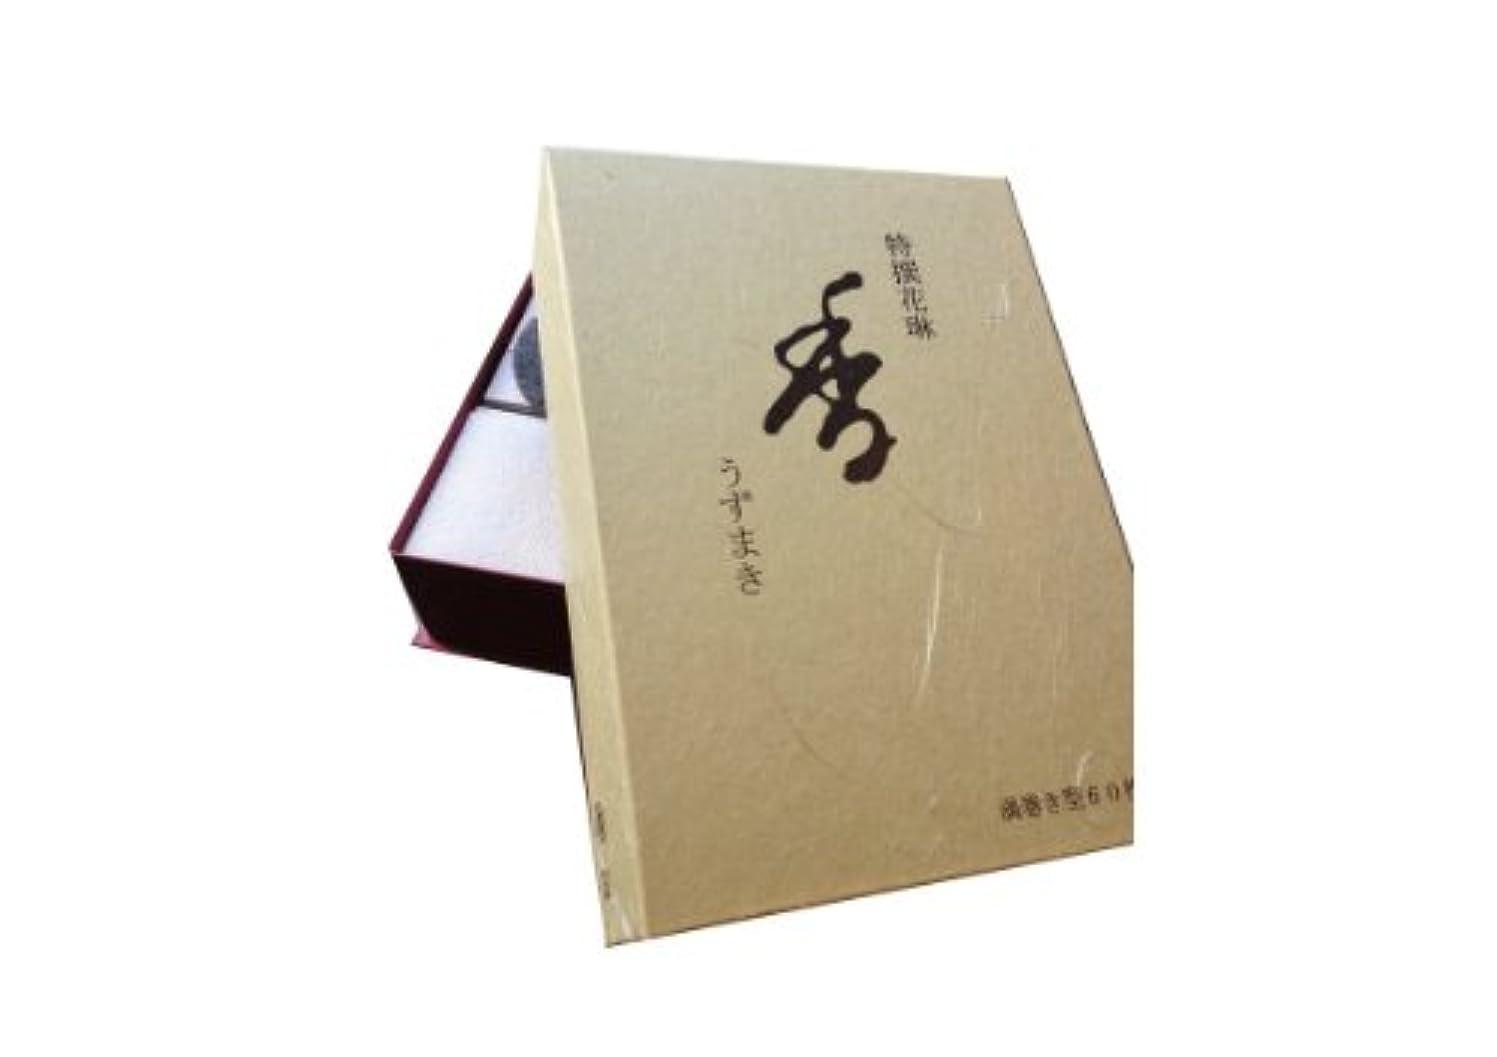 びんアルカトラズ島提供された薫寿堂のお香 特撰花琳 うずまき60巻入